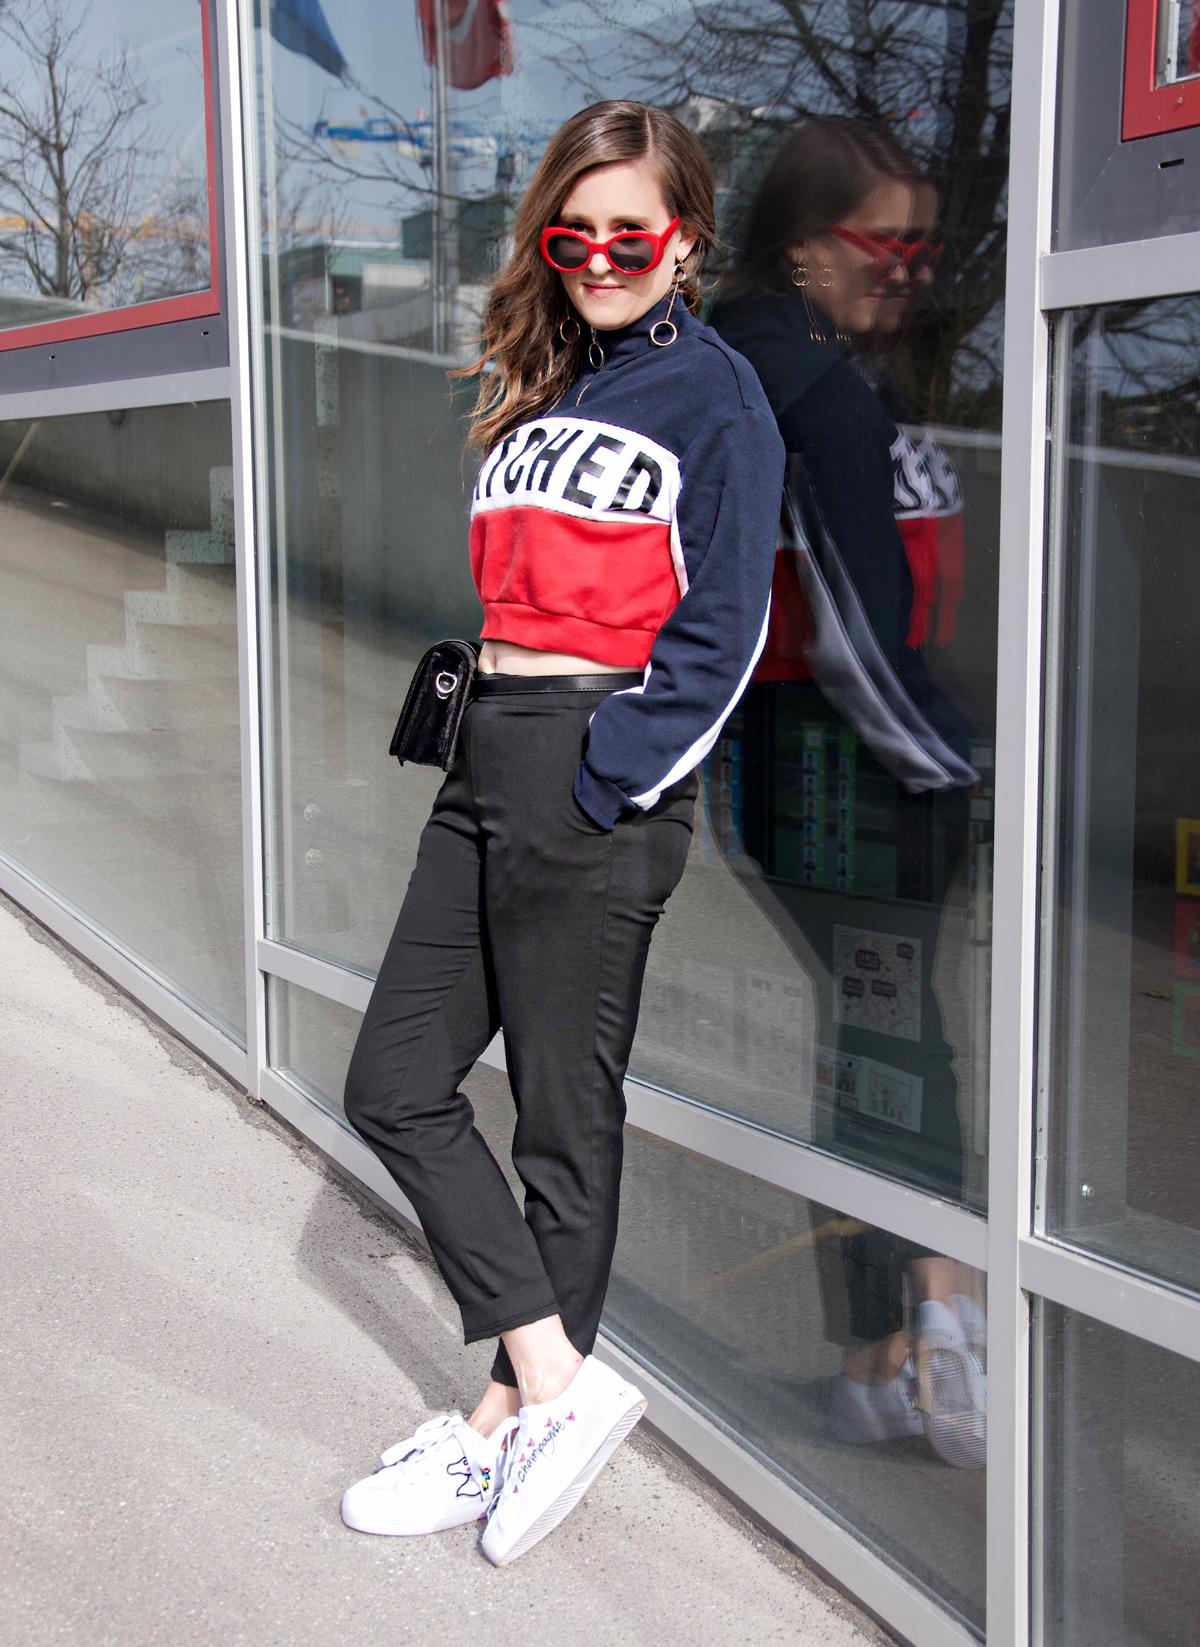 Andrea Steiner, eine Mode Bloggerin aus Luzern zeigt auf Ihrem Blog Strawberries 'n' Champagne den